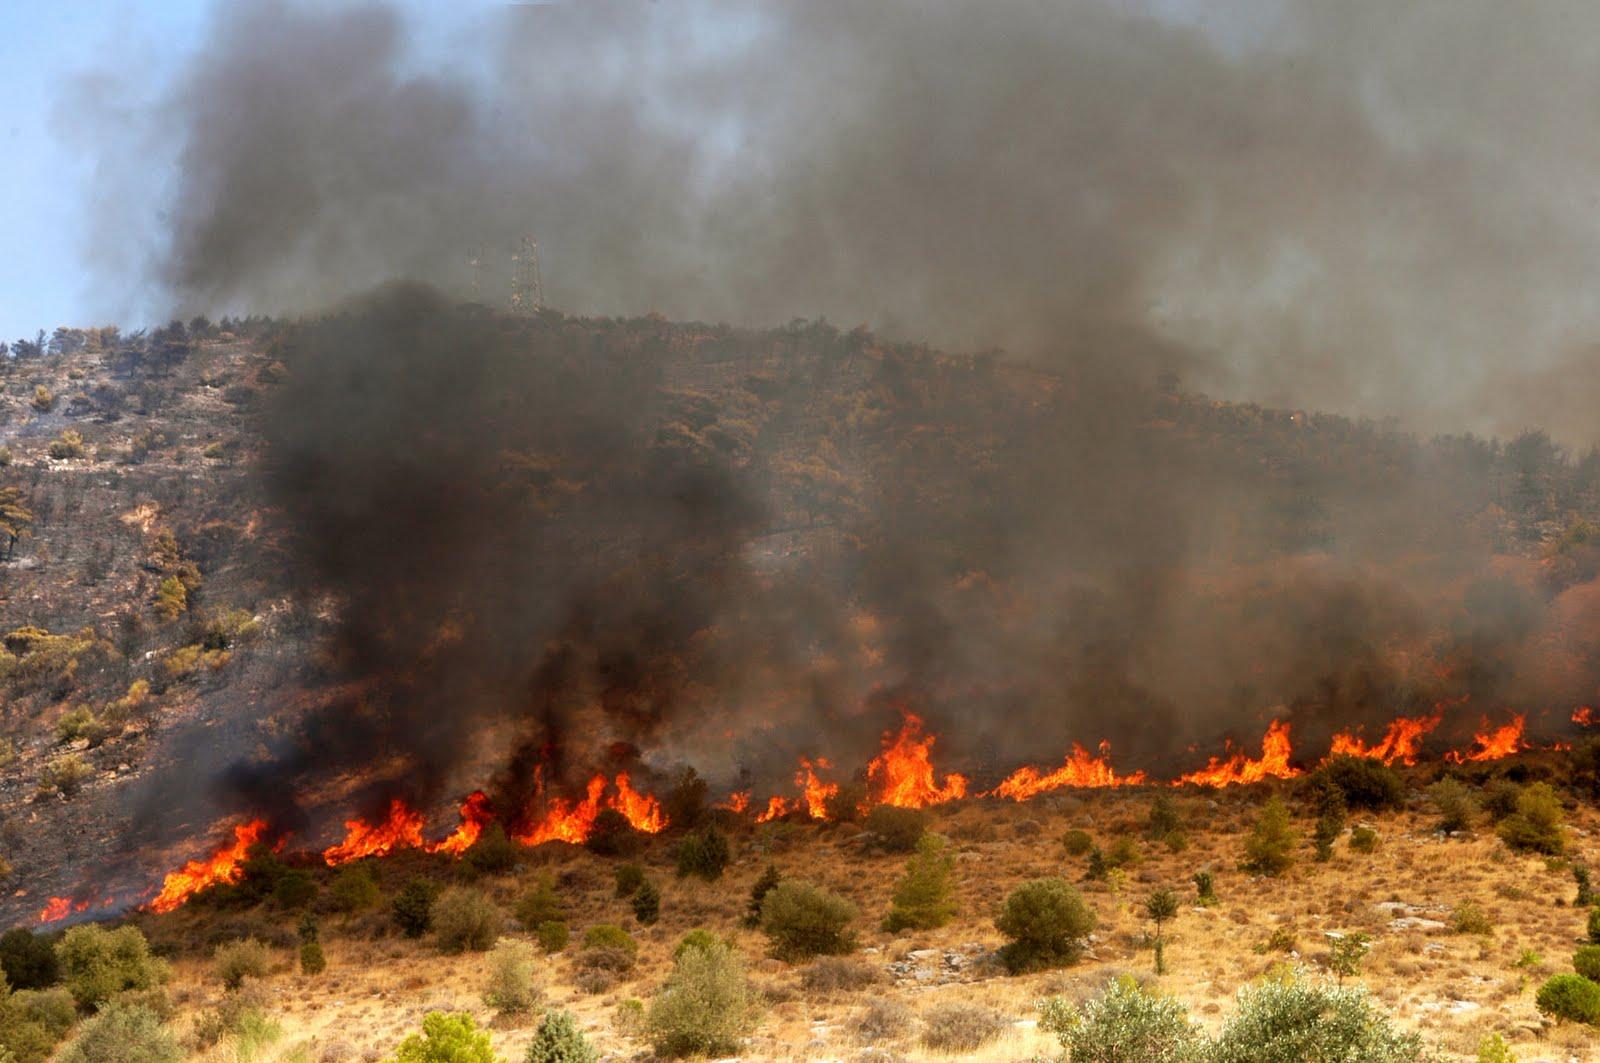 Ρέθυμνο: Αυξημένος κίνδυνος εκδήλωσης πυρκαγιών σήμερα Fwtia1